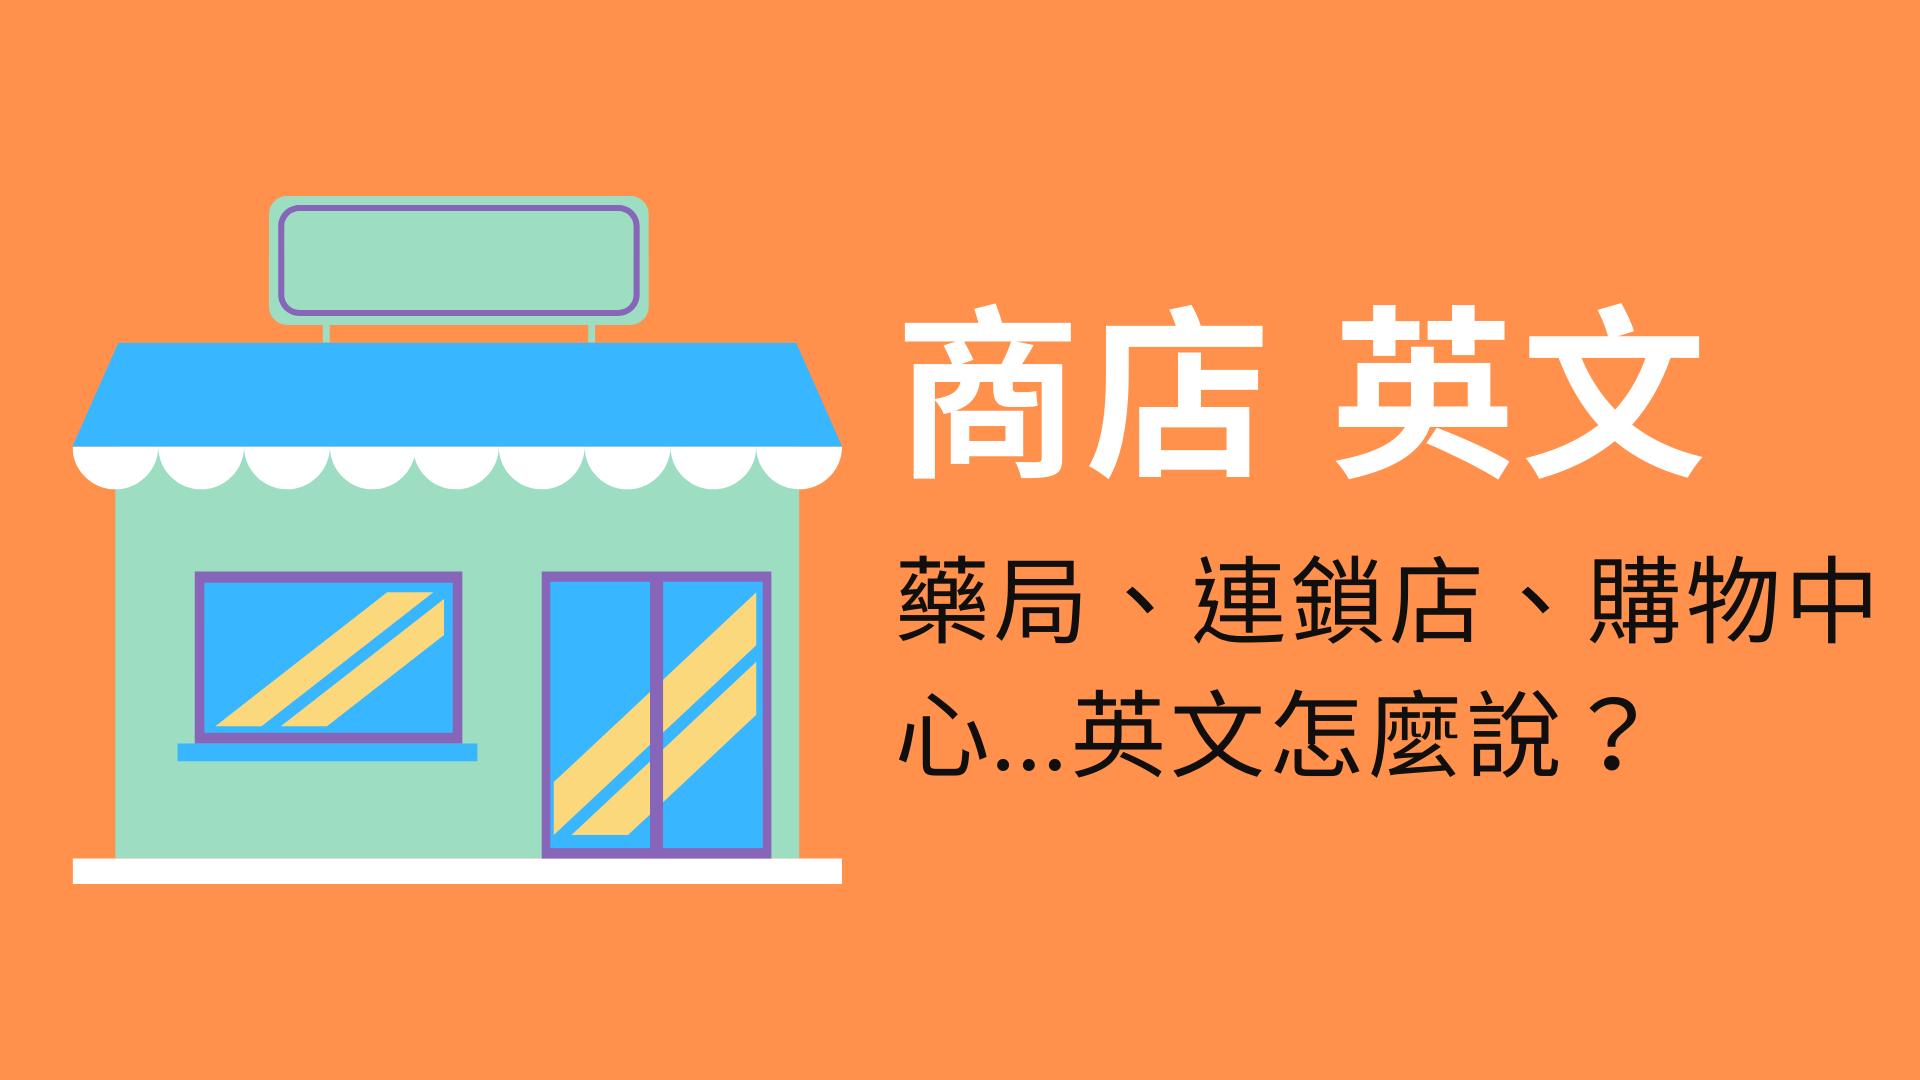 【商店 英文】藥局、量販店店、購物中心、雜貨店、連鎖店...英文怎麼說?